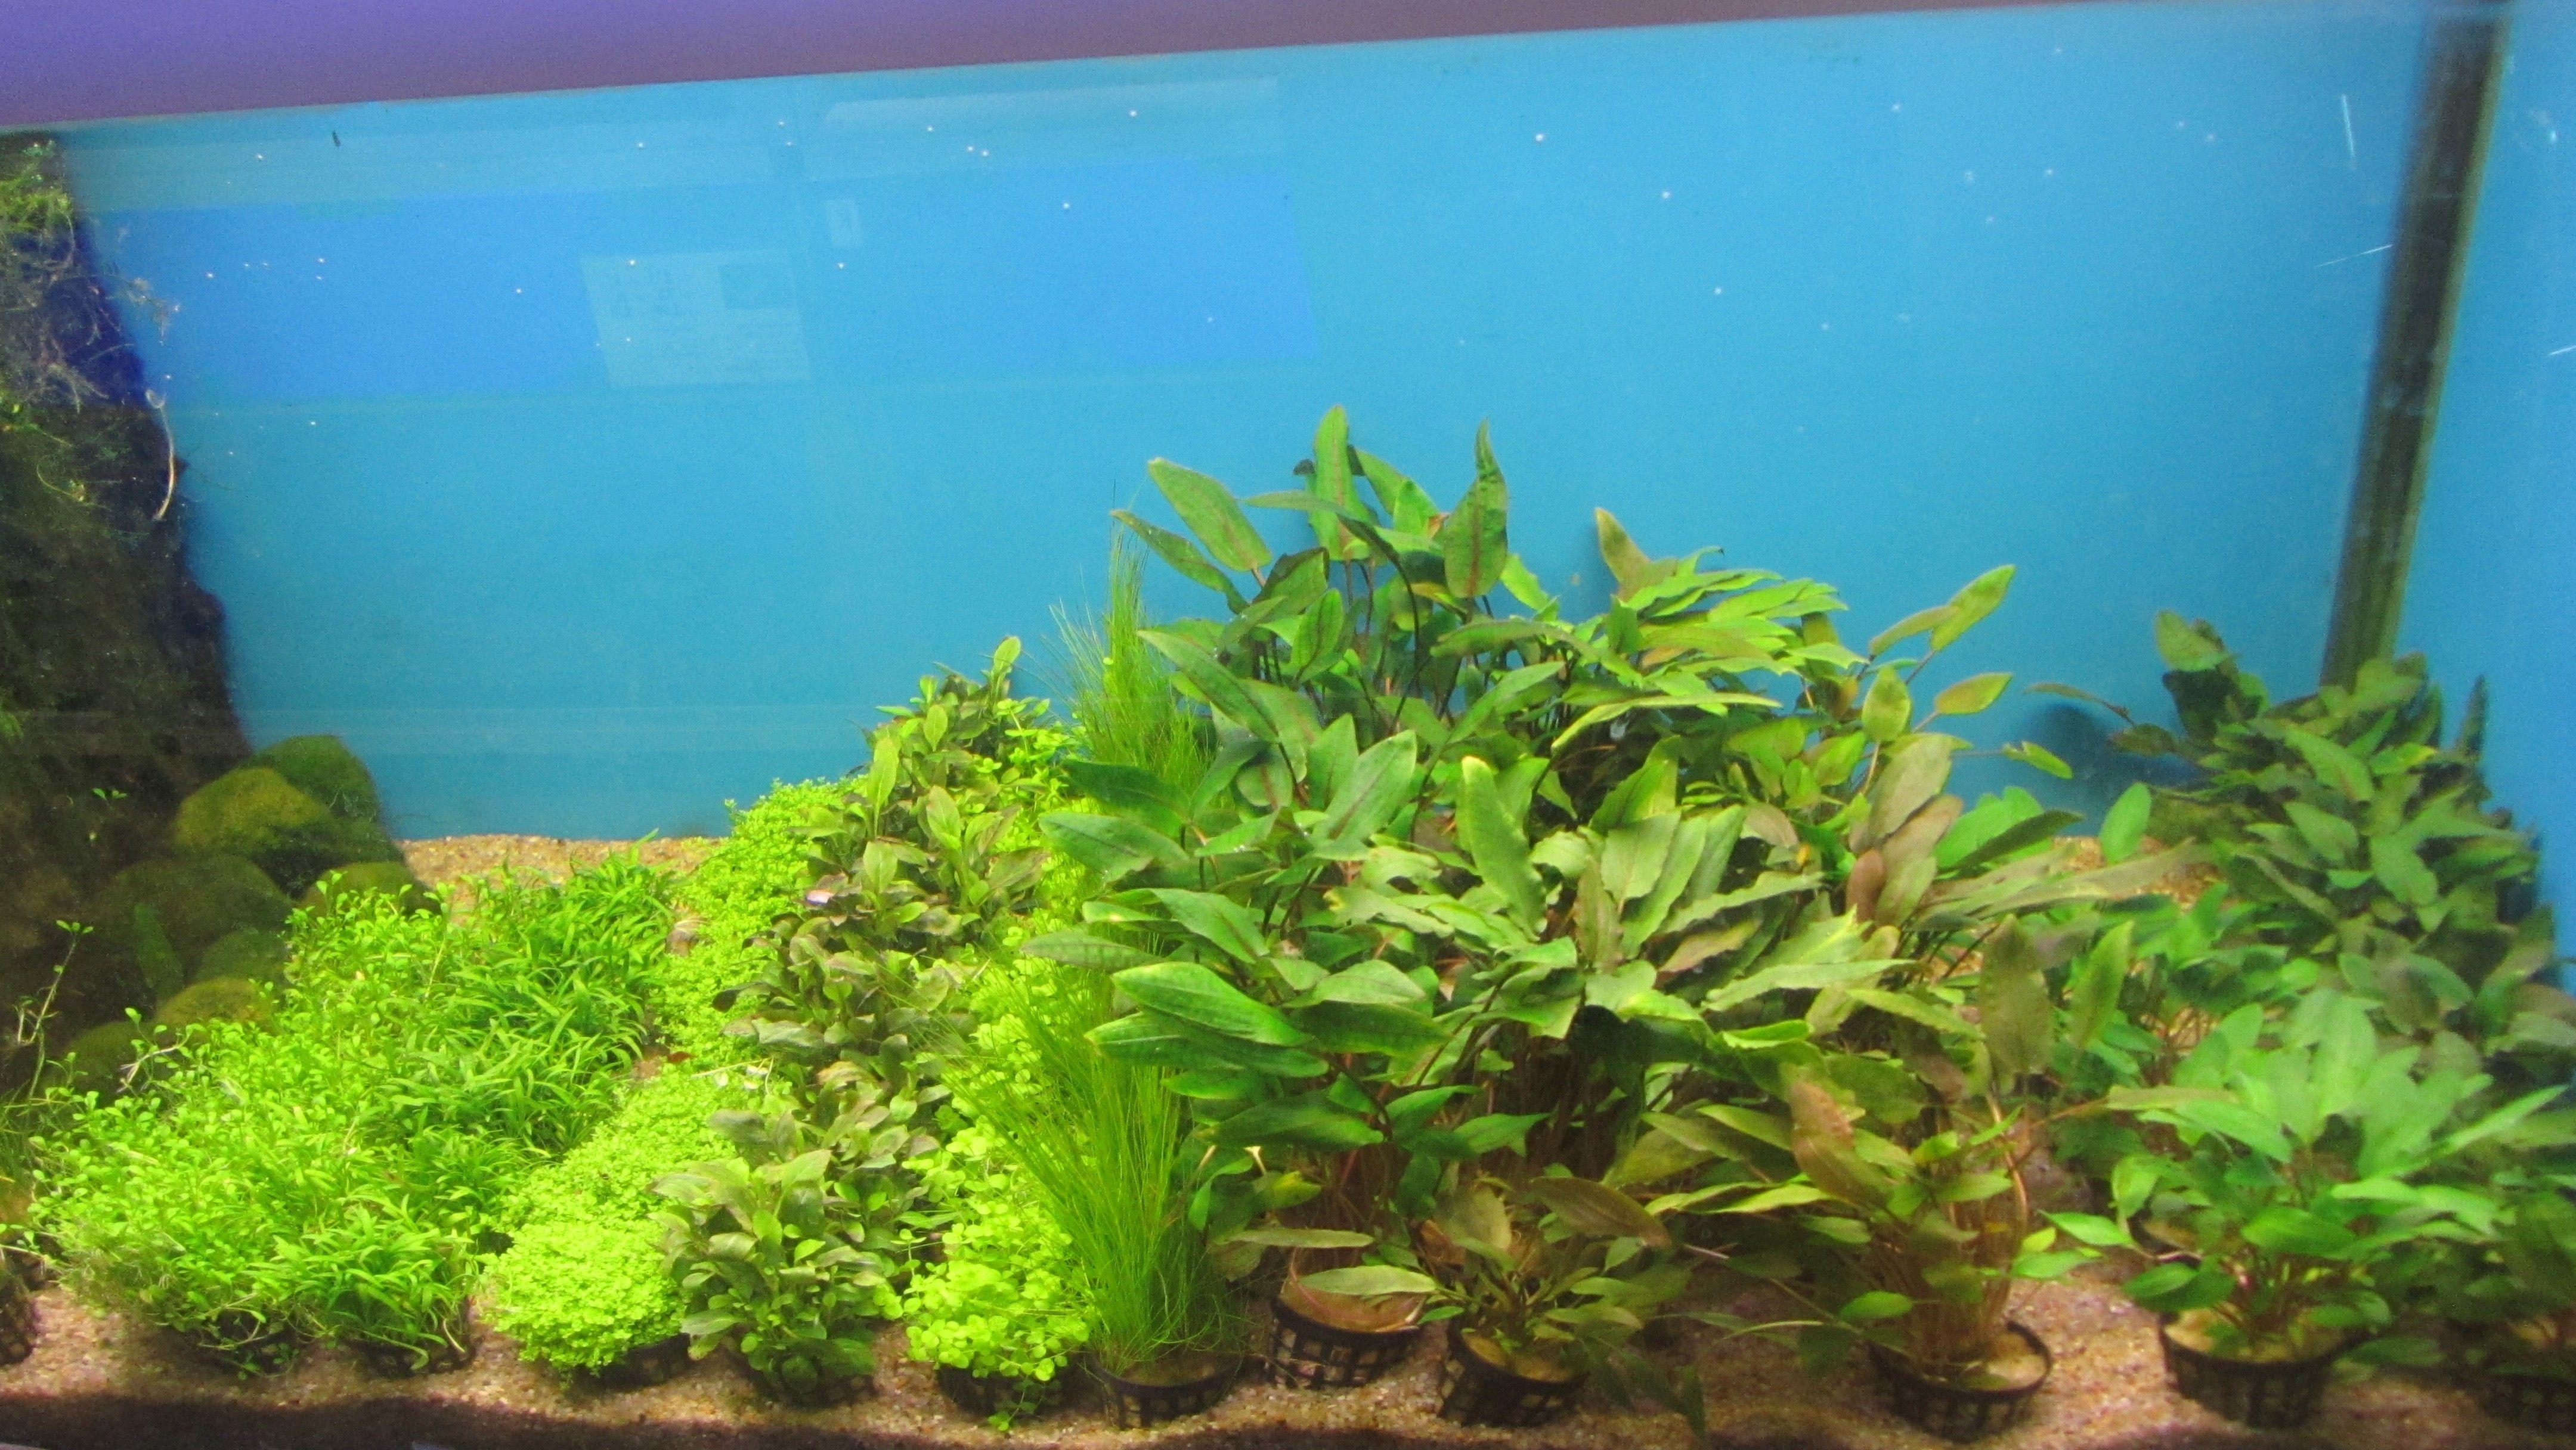 Plantepakke 8 består af 5 planter. høj, medium, lav + 1 mos + 1 moderplante